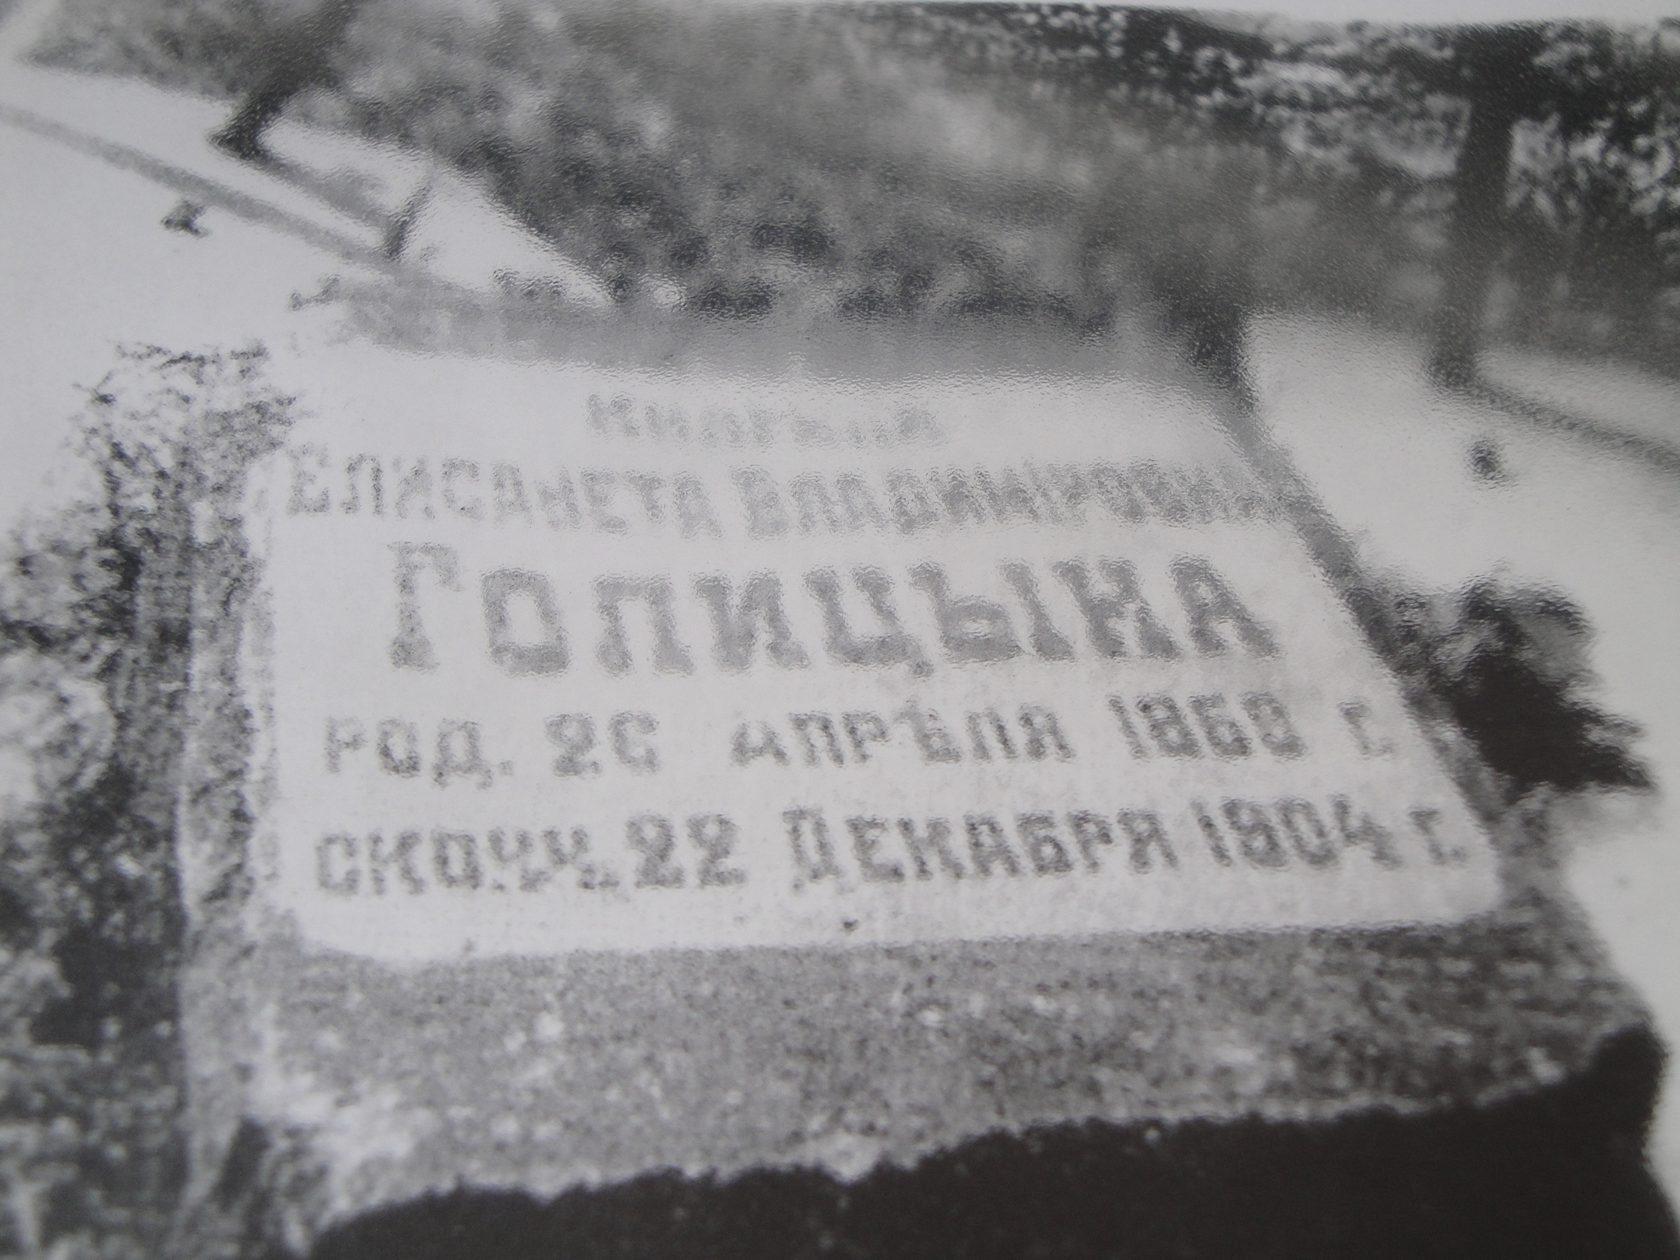 Фото старого надгробия - из архива Евгении Курковой.